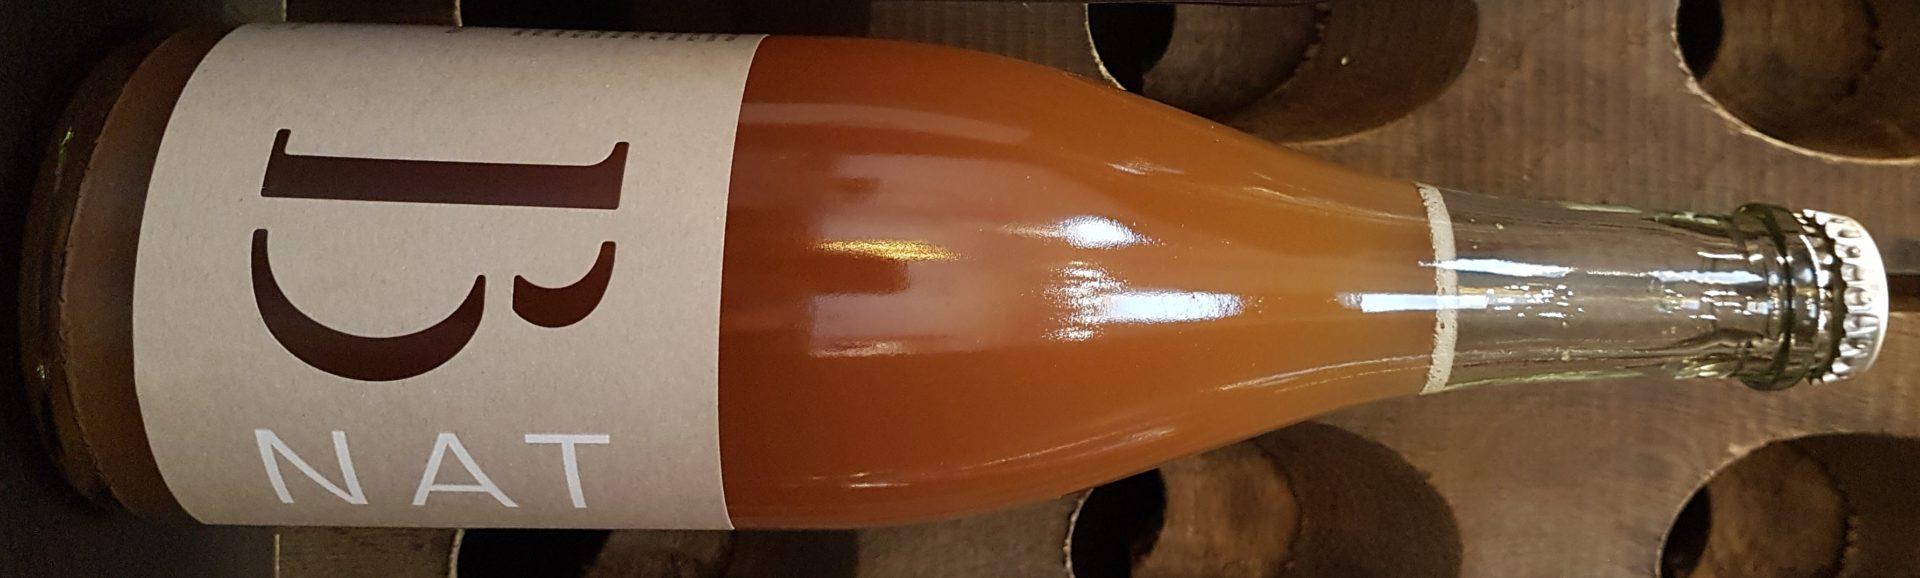 Pet_Nat-Flasche vom Sektgut Barth